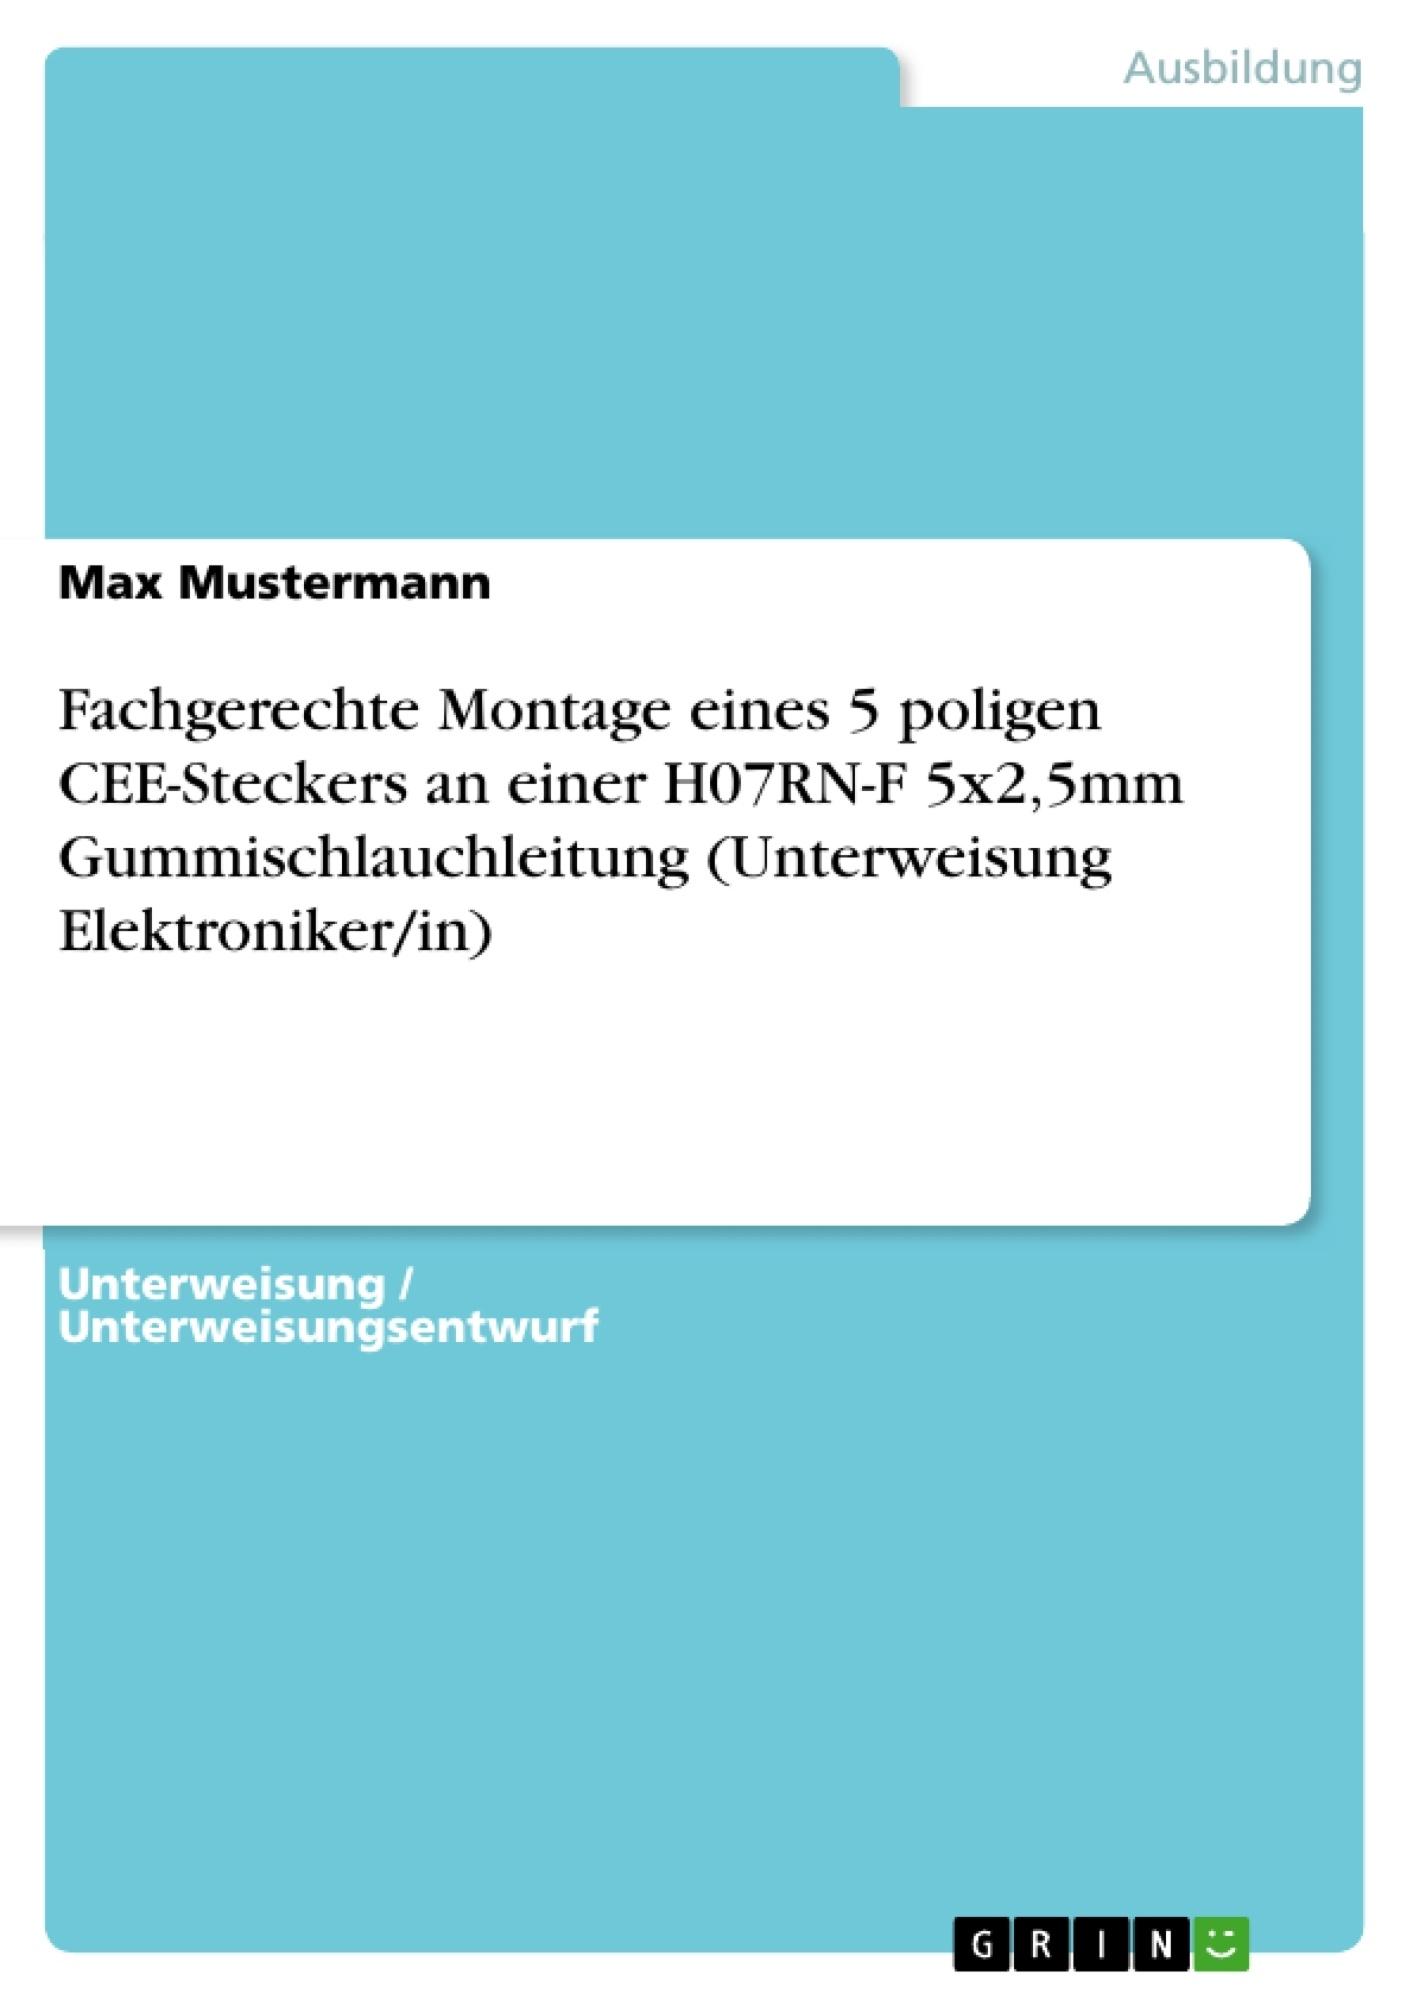 Titel: Fachgerechte Montage eines 5 poligen CEE-Steckers an einer H07RN-F 5x2,5mm Gummischlauchleitung (Unterweisung Elektroniker/in)